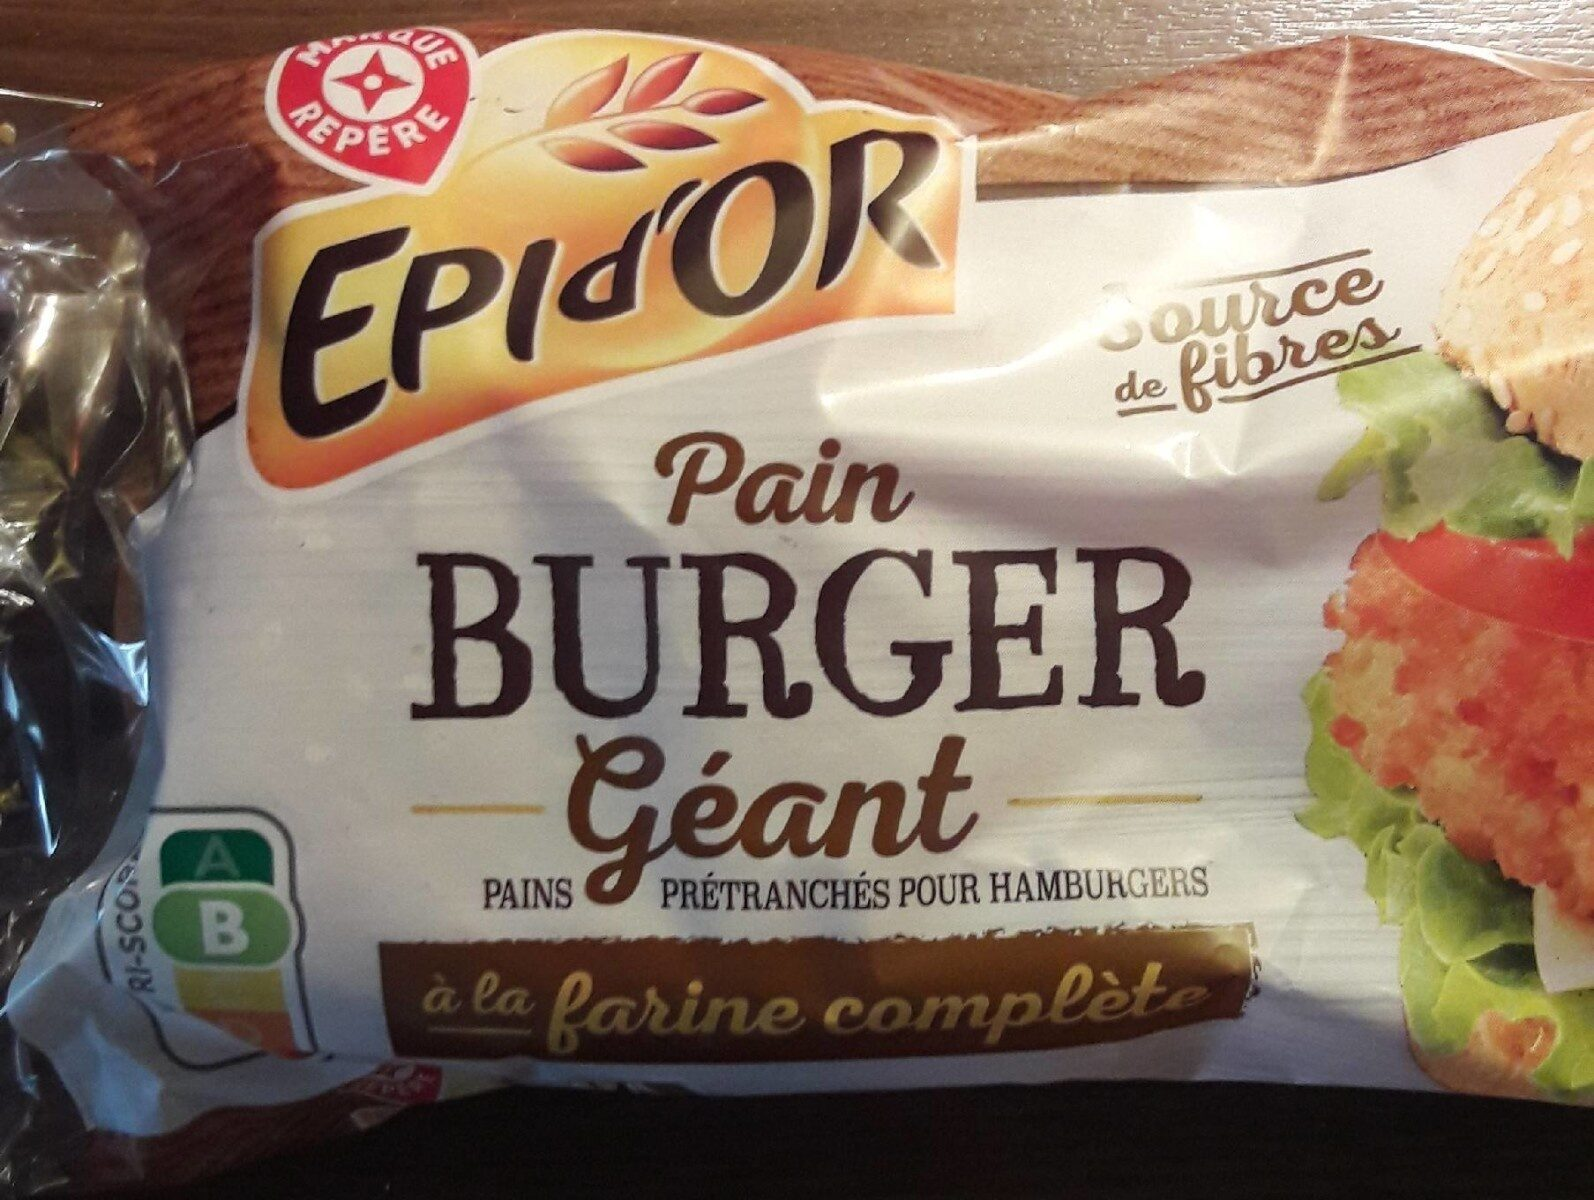 Pains complets pour hamburgers x 4 - Product - fr